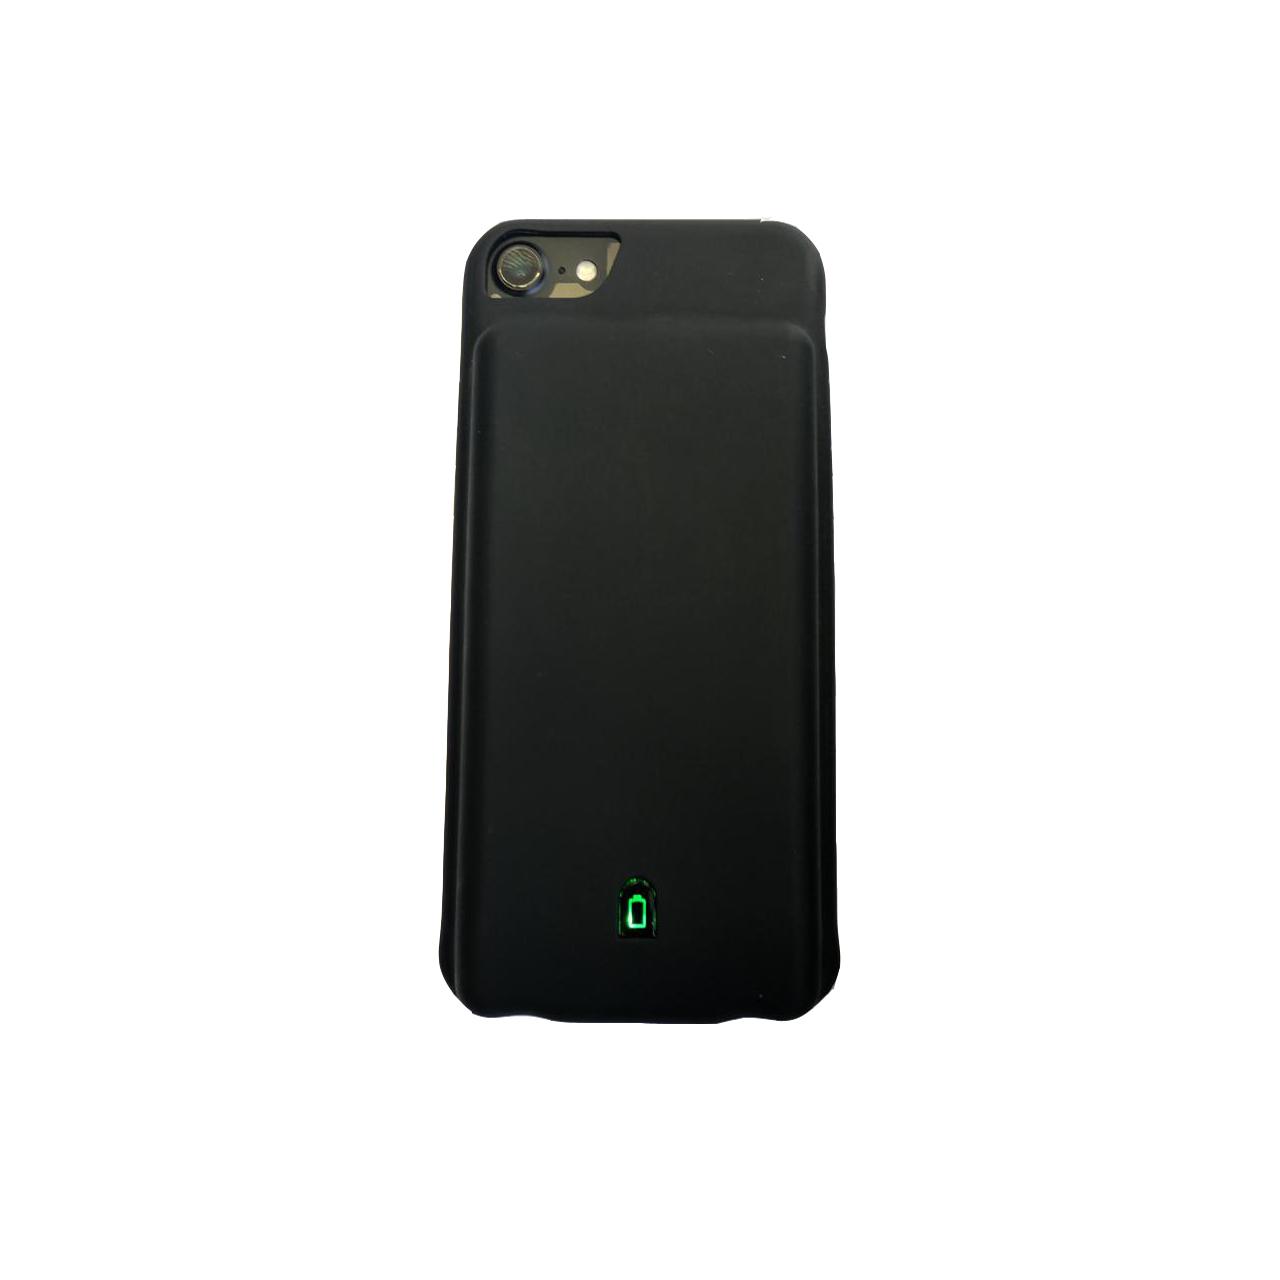 کاور شارژر مدل WI7-B09 ظرفیت 7000 میلی آمپر ساعت مناسب برای گوشی موبایل اپل iPhone 6SPLUS/6PLUS/7PLUS/8PLUS